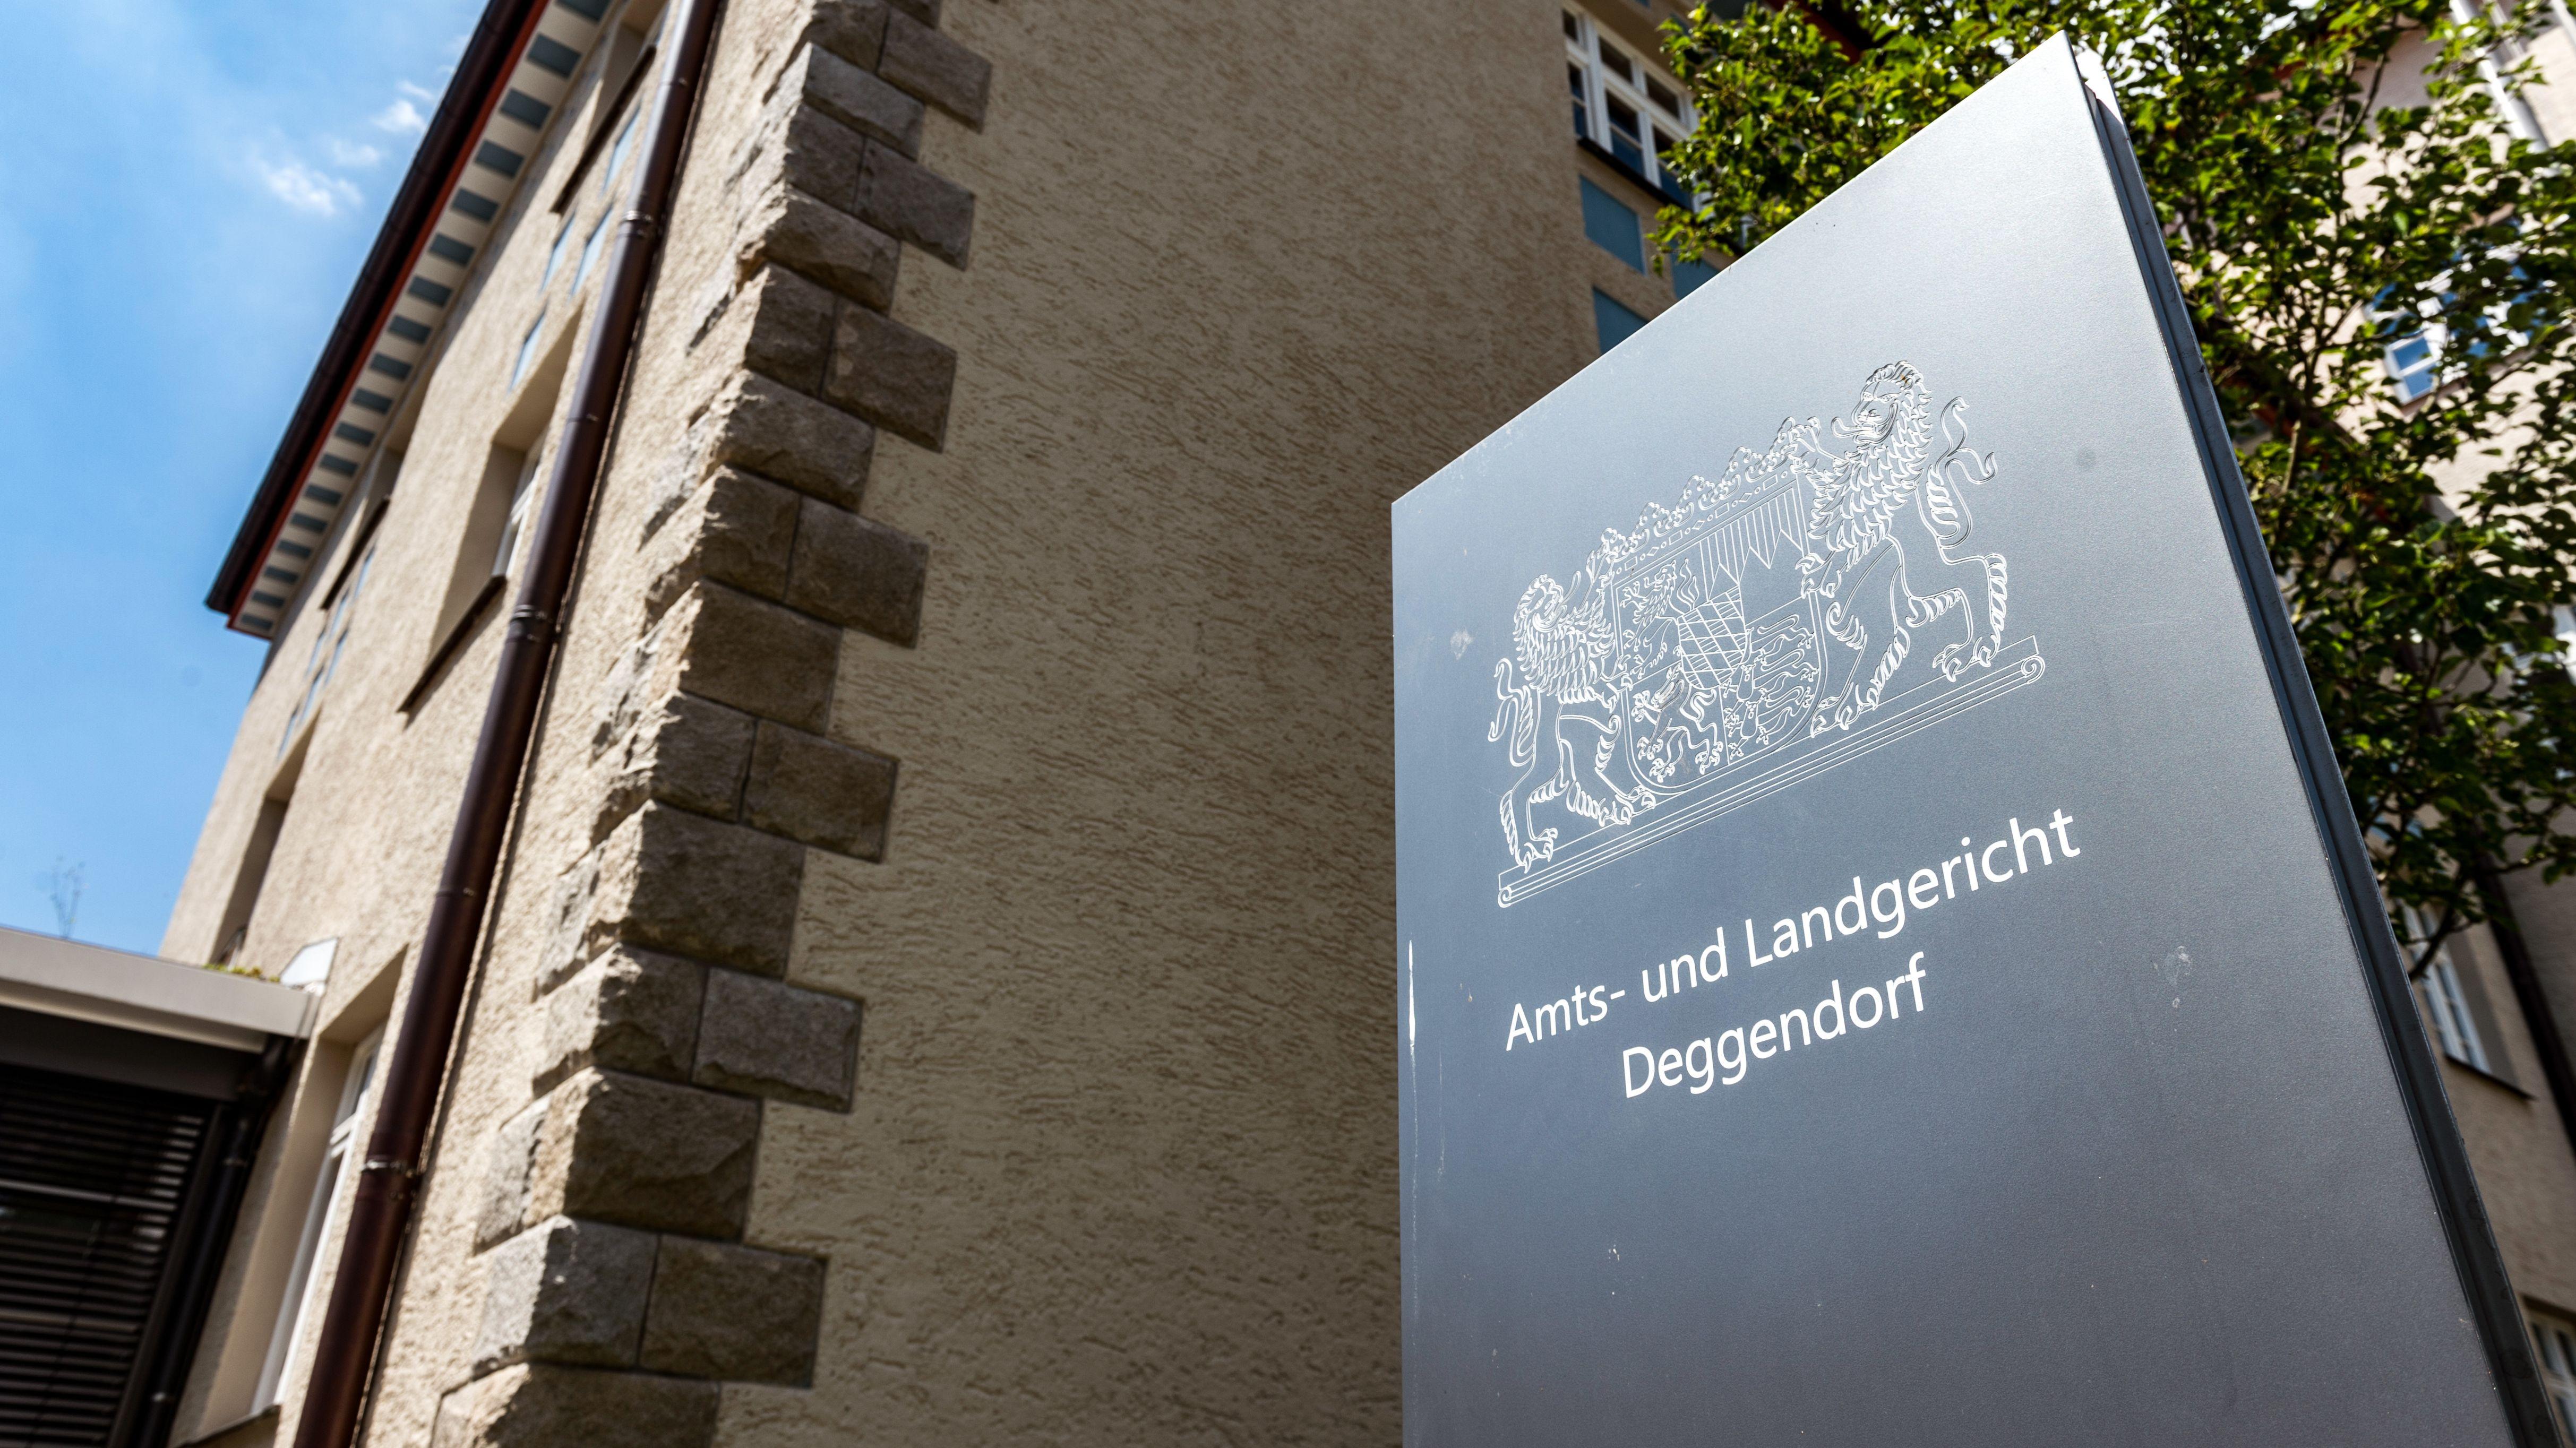 """Auf einer Tafel vor dem Gerichtsgebäude steht: """"Amts- und Landgericht Deggendorf"""""""